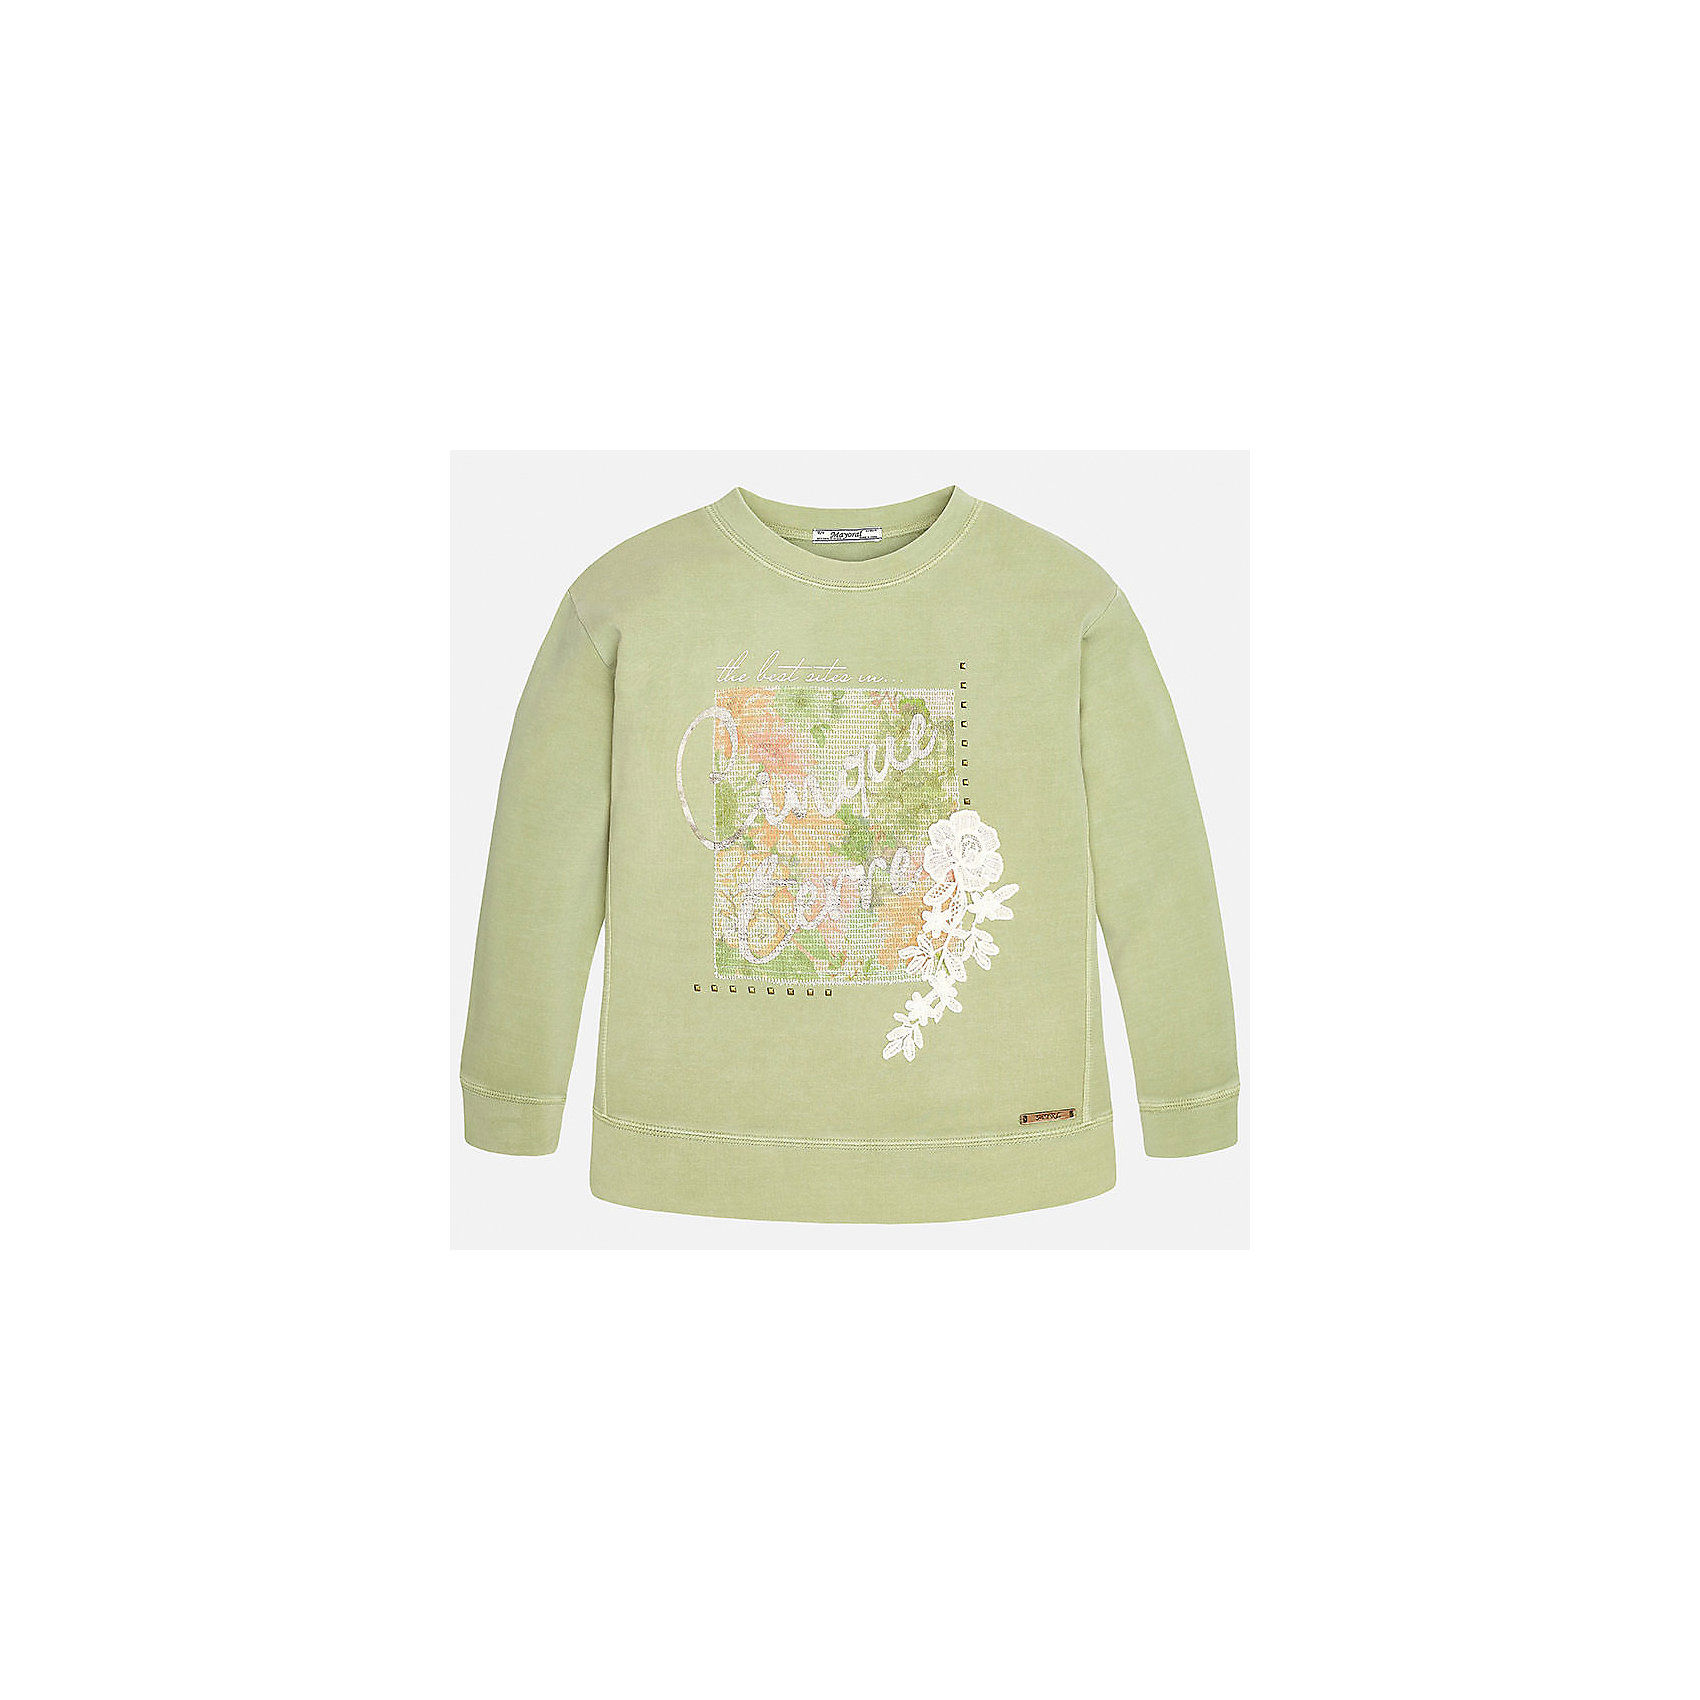 Толстовка для девочки MayoralТолстовки<br>Характеристики товара:<br><br>• цвет: зеленый<br>• состав: 94% хлопок, 6% эластан<br>• рукава длинные<br>• украшен принтом<br>• горловой вырез округлый<br>• отделка краев<br>• страна бренда: Испания<br><br>Удобный и красивый свитер для девочки поможет разнообразить гардероб ребенка и украсить наряд. Он отлично сочетается и с юбками, и с брюками. Универсальный цвет позволяет подобрать к вещи низ различных расцветок. Интересная отделка модели делает её нарядной и оригинальной. В составе материала - натуральный хлопок, гипоаллергенный, приятный на ощупь, дышащий.<br><br>Одежда, обувь и аксессуары от испанского бренда Mayoral полюбились детям и взрослым по всему миру. Модели этой марки - стильные и удобные. Для их производства используются только безопасные, качественные материалы и фурнитура. Порадуйте ребенка модными и красивыми вещами от Mayoral! <br><br>Свитер для девочки от испанского бренда Mayoral (Майорал) можно купить в нашем интернет-магазине.<br><br>Ширина мм: 190<br>Глубина мм: 74<br>Высота мм: 229<br>Вес г: 236<br>Цвет: зеленый<br>Возраст от месяцев: 84<br>Возраст до месяцев: 96<br>Пол: Женский<br>Возраст: Детский<br>Размер: 128/134,170,140,152,158,164<br>SKU: 5292795